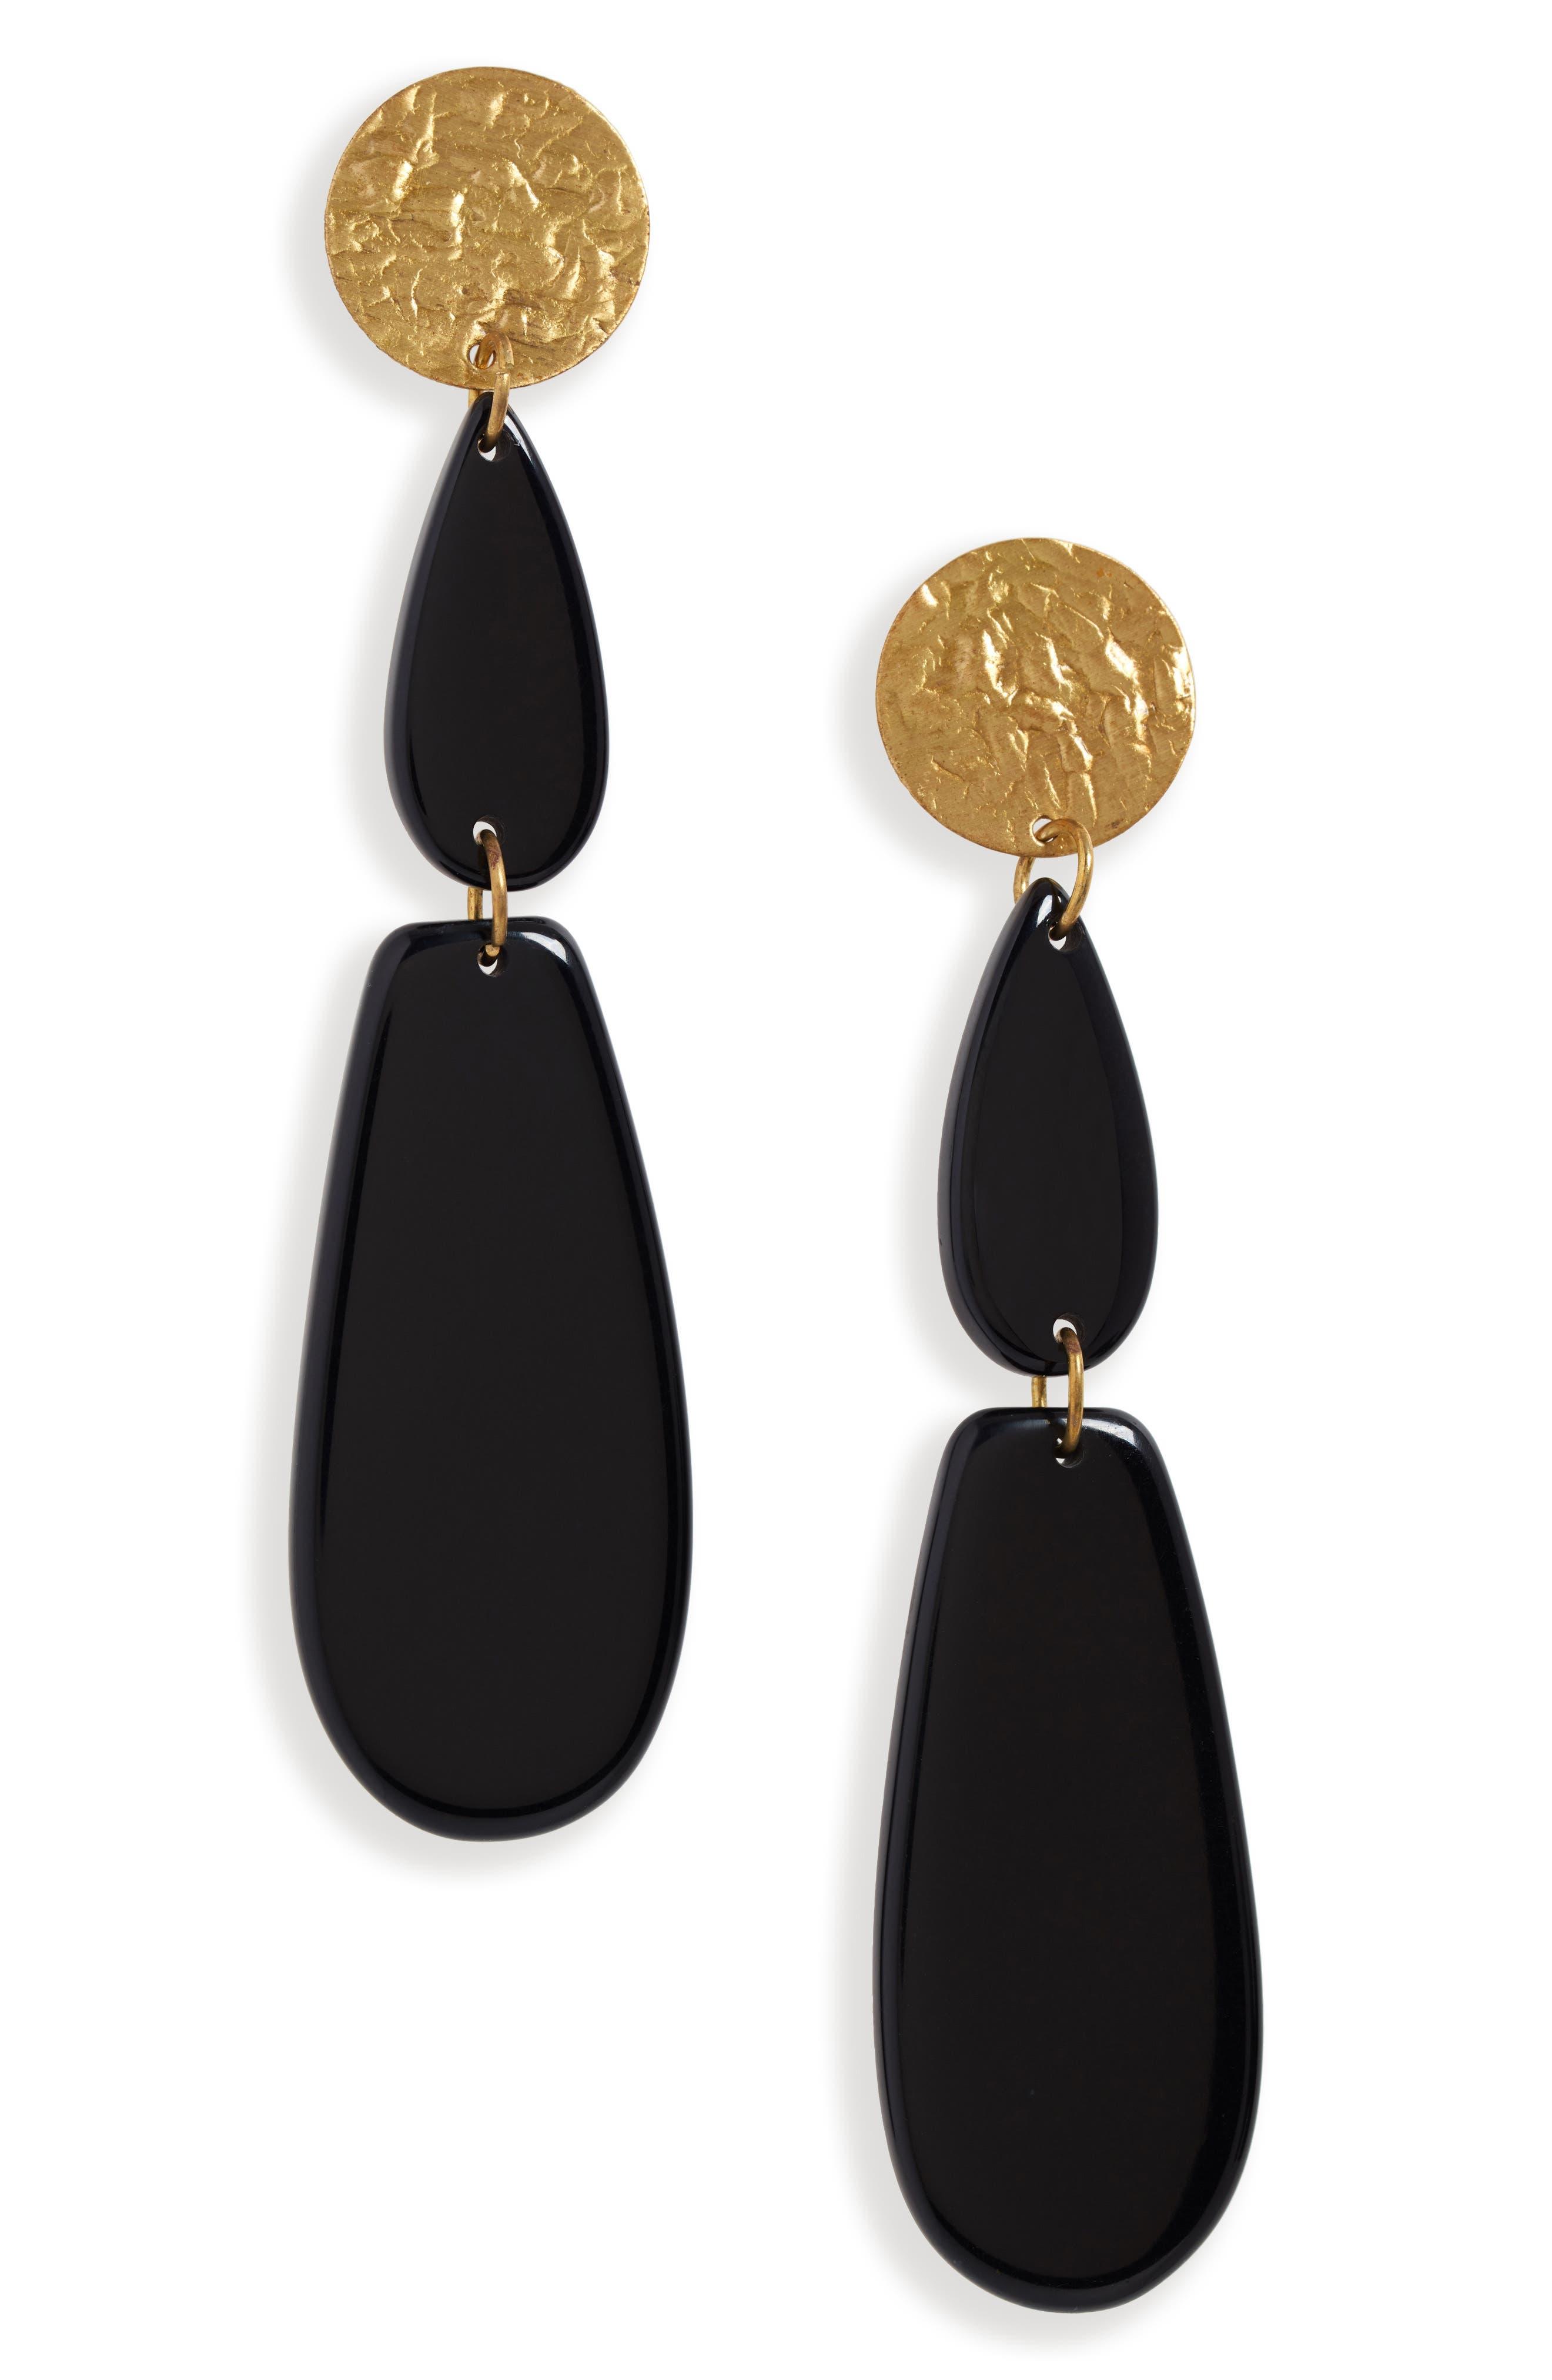 AREA STARS Alix Drop Earrings in Black